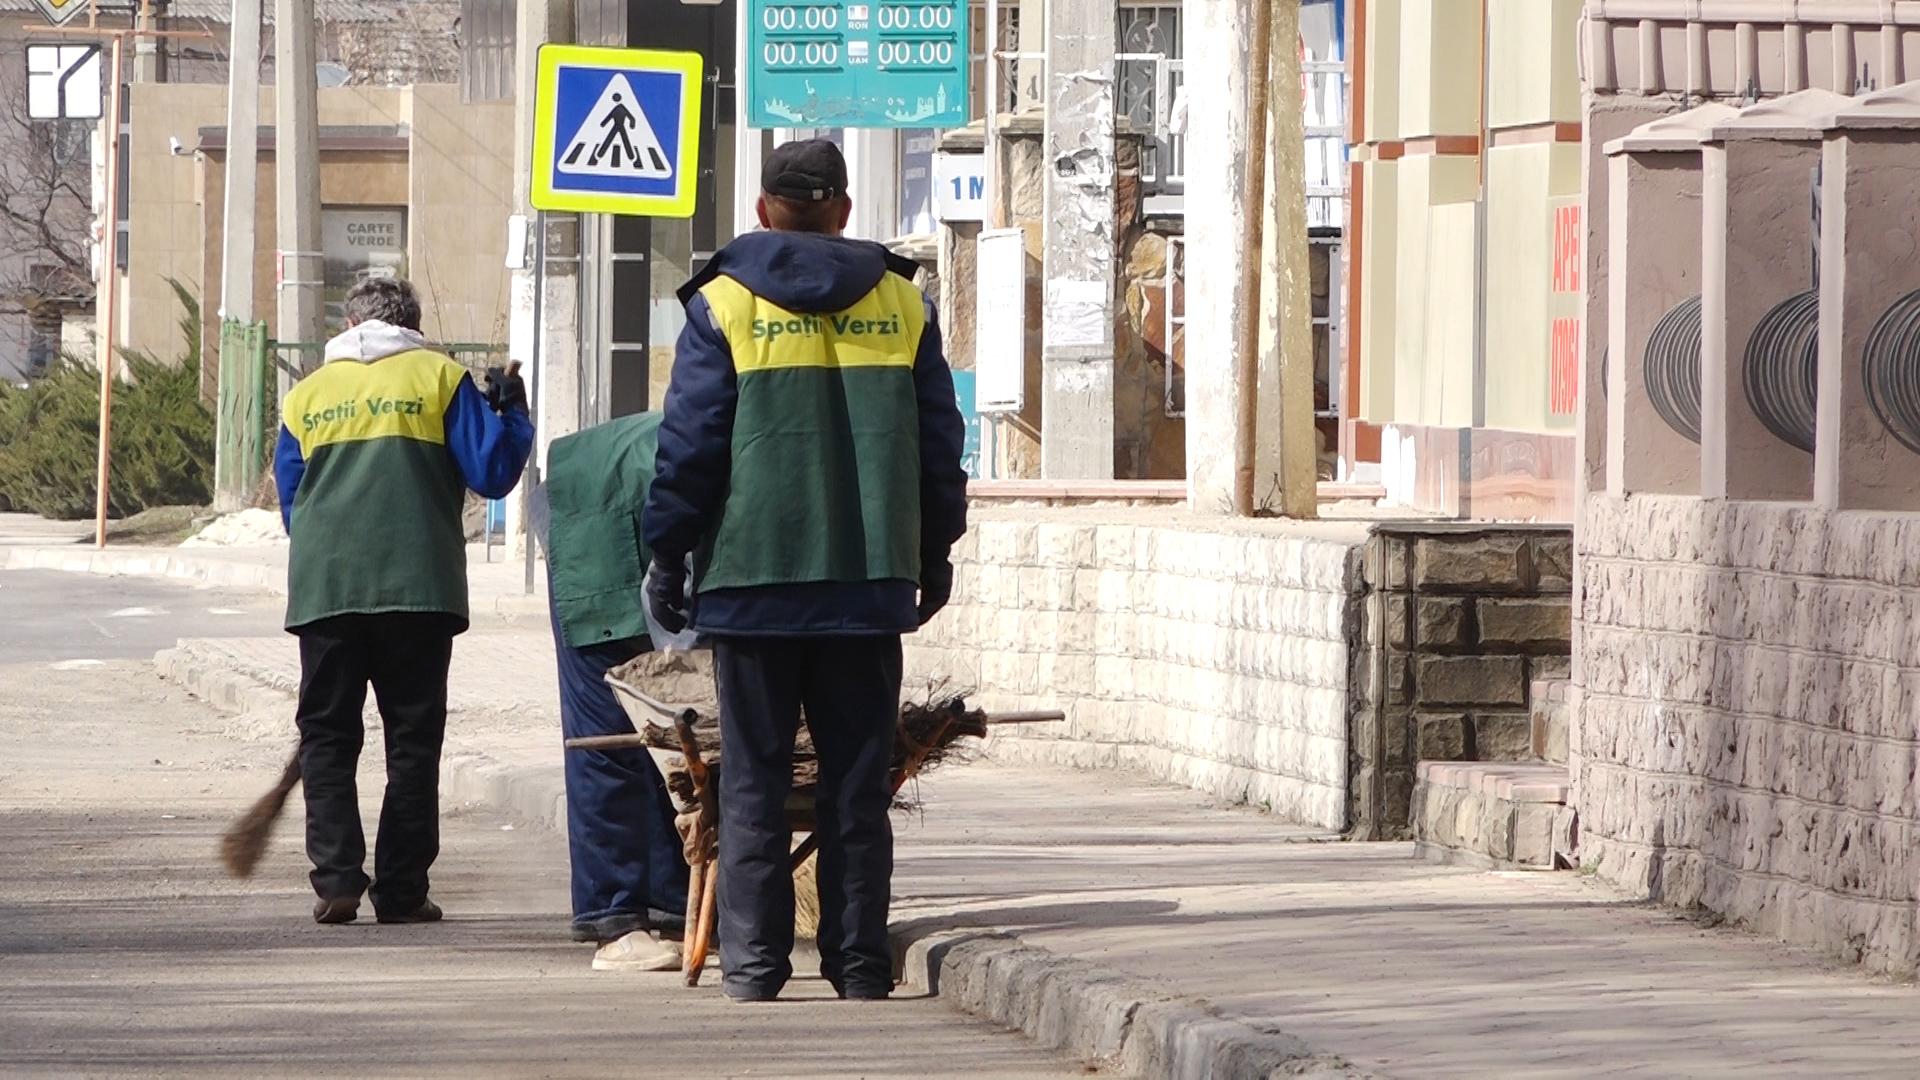 ВИДЕО | Бельцкие дворники справляют свою нужду под кустиками. Директор МП БиО смеется в ответ